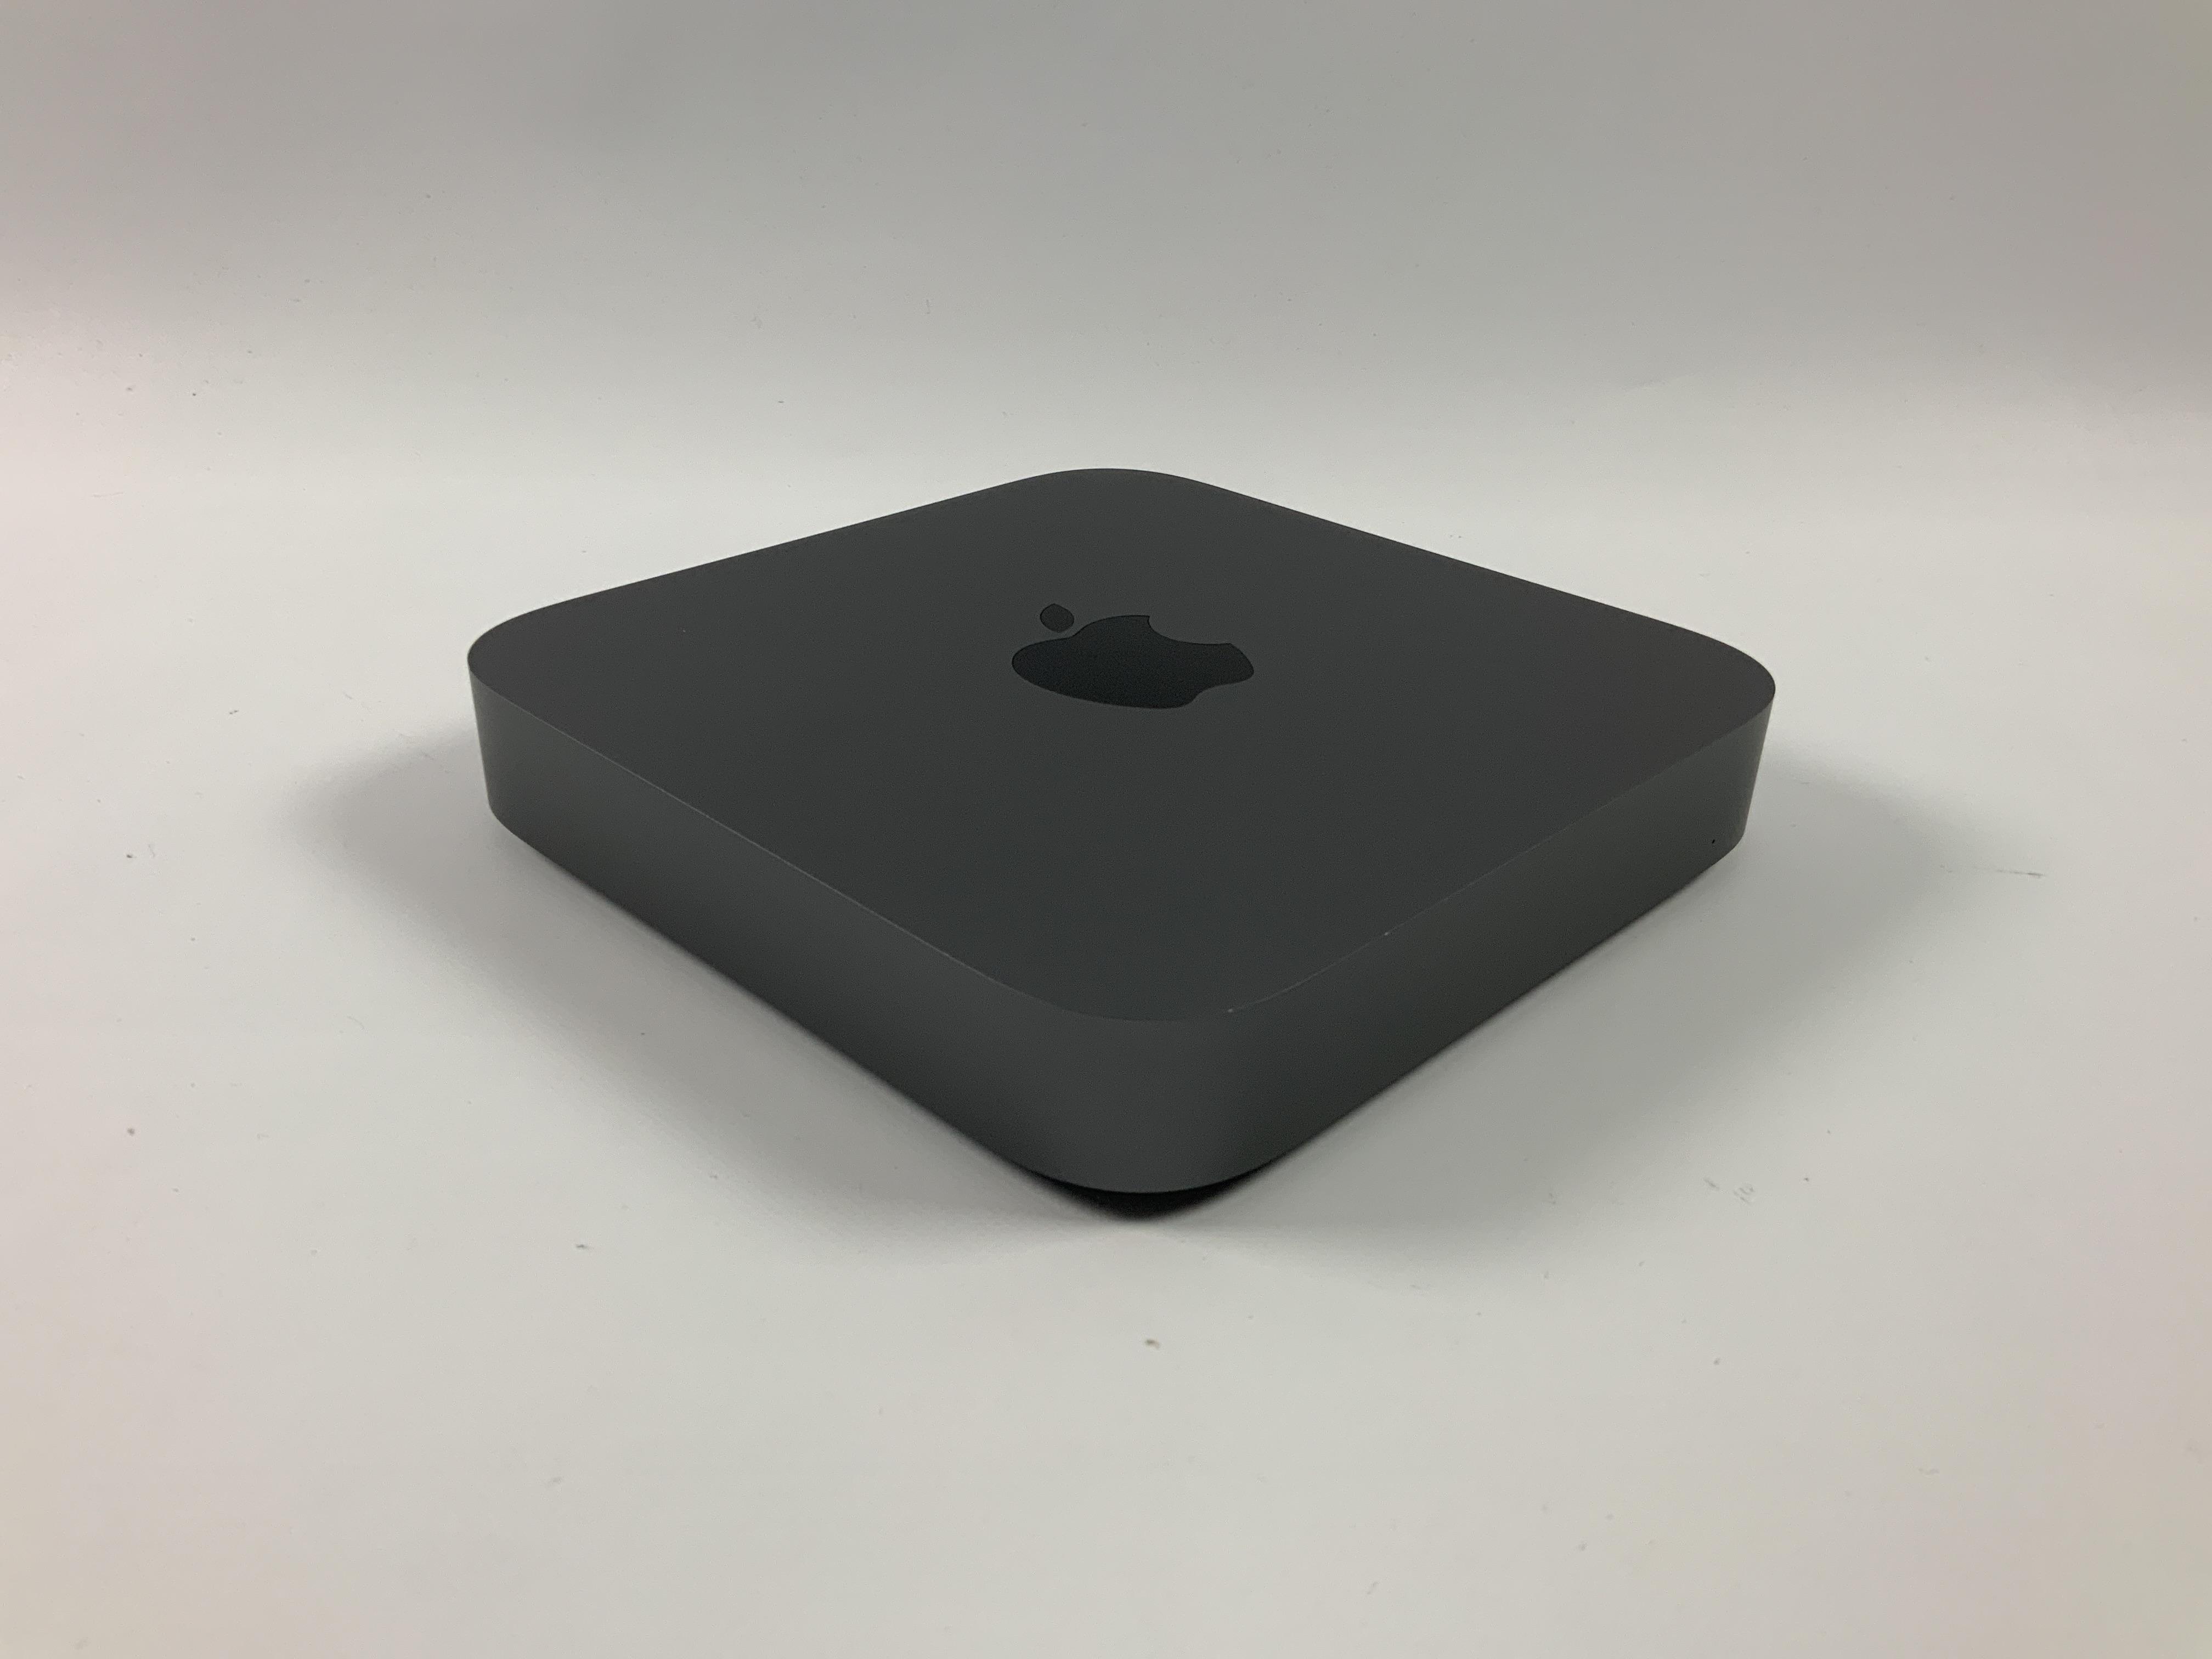 Mac Mini Late 2018 (Intel Quad-Core i3 3.6 GHz 32 GB RAM 256 GB SSD), Intel Quad-Core i3 3.6 GHz, 32 GB RAM, 256 GB SSD, bild 4